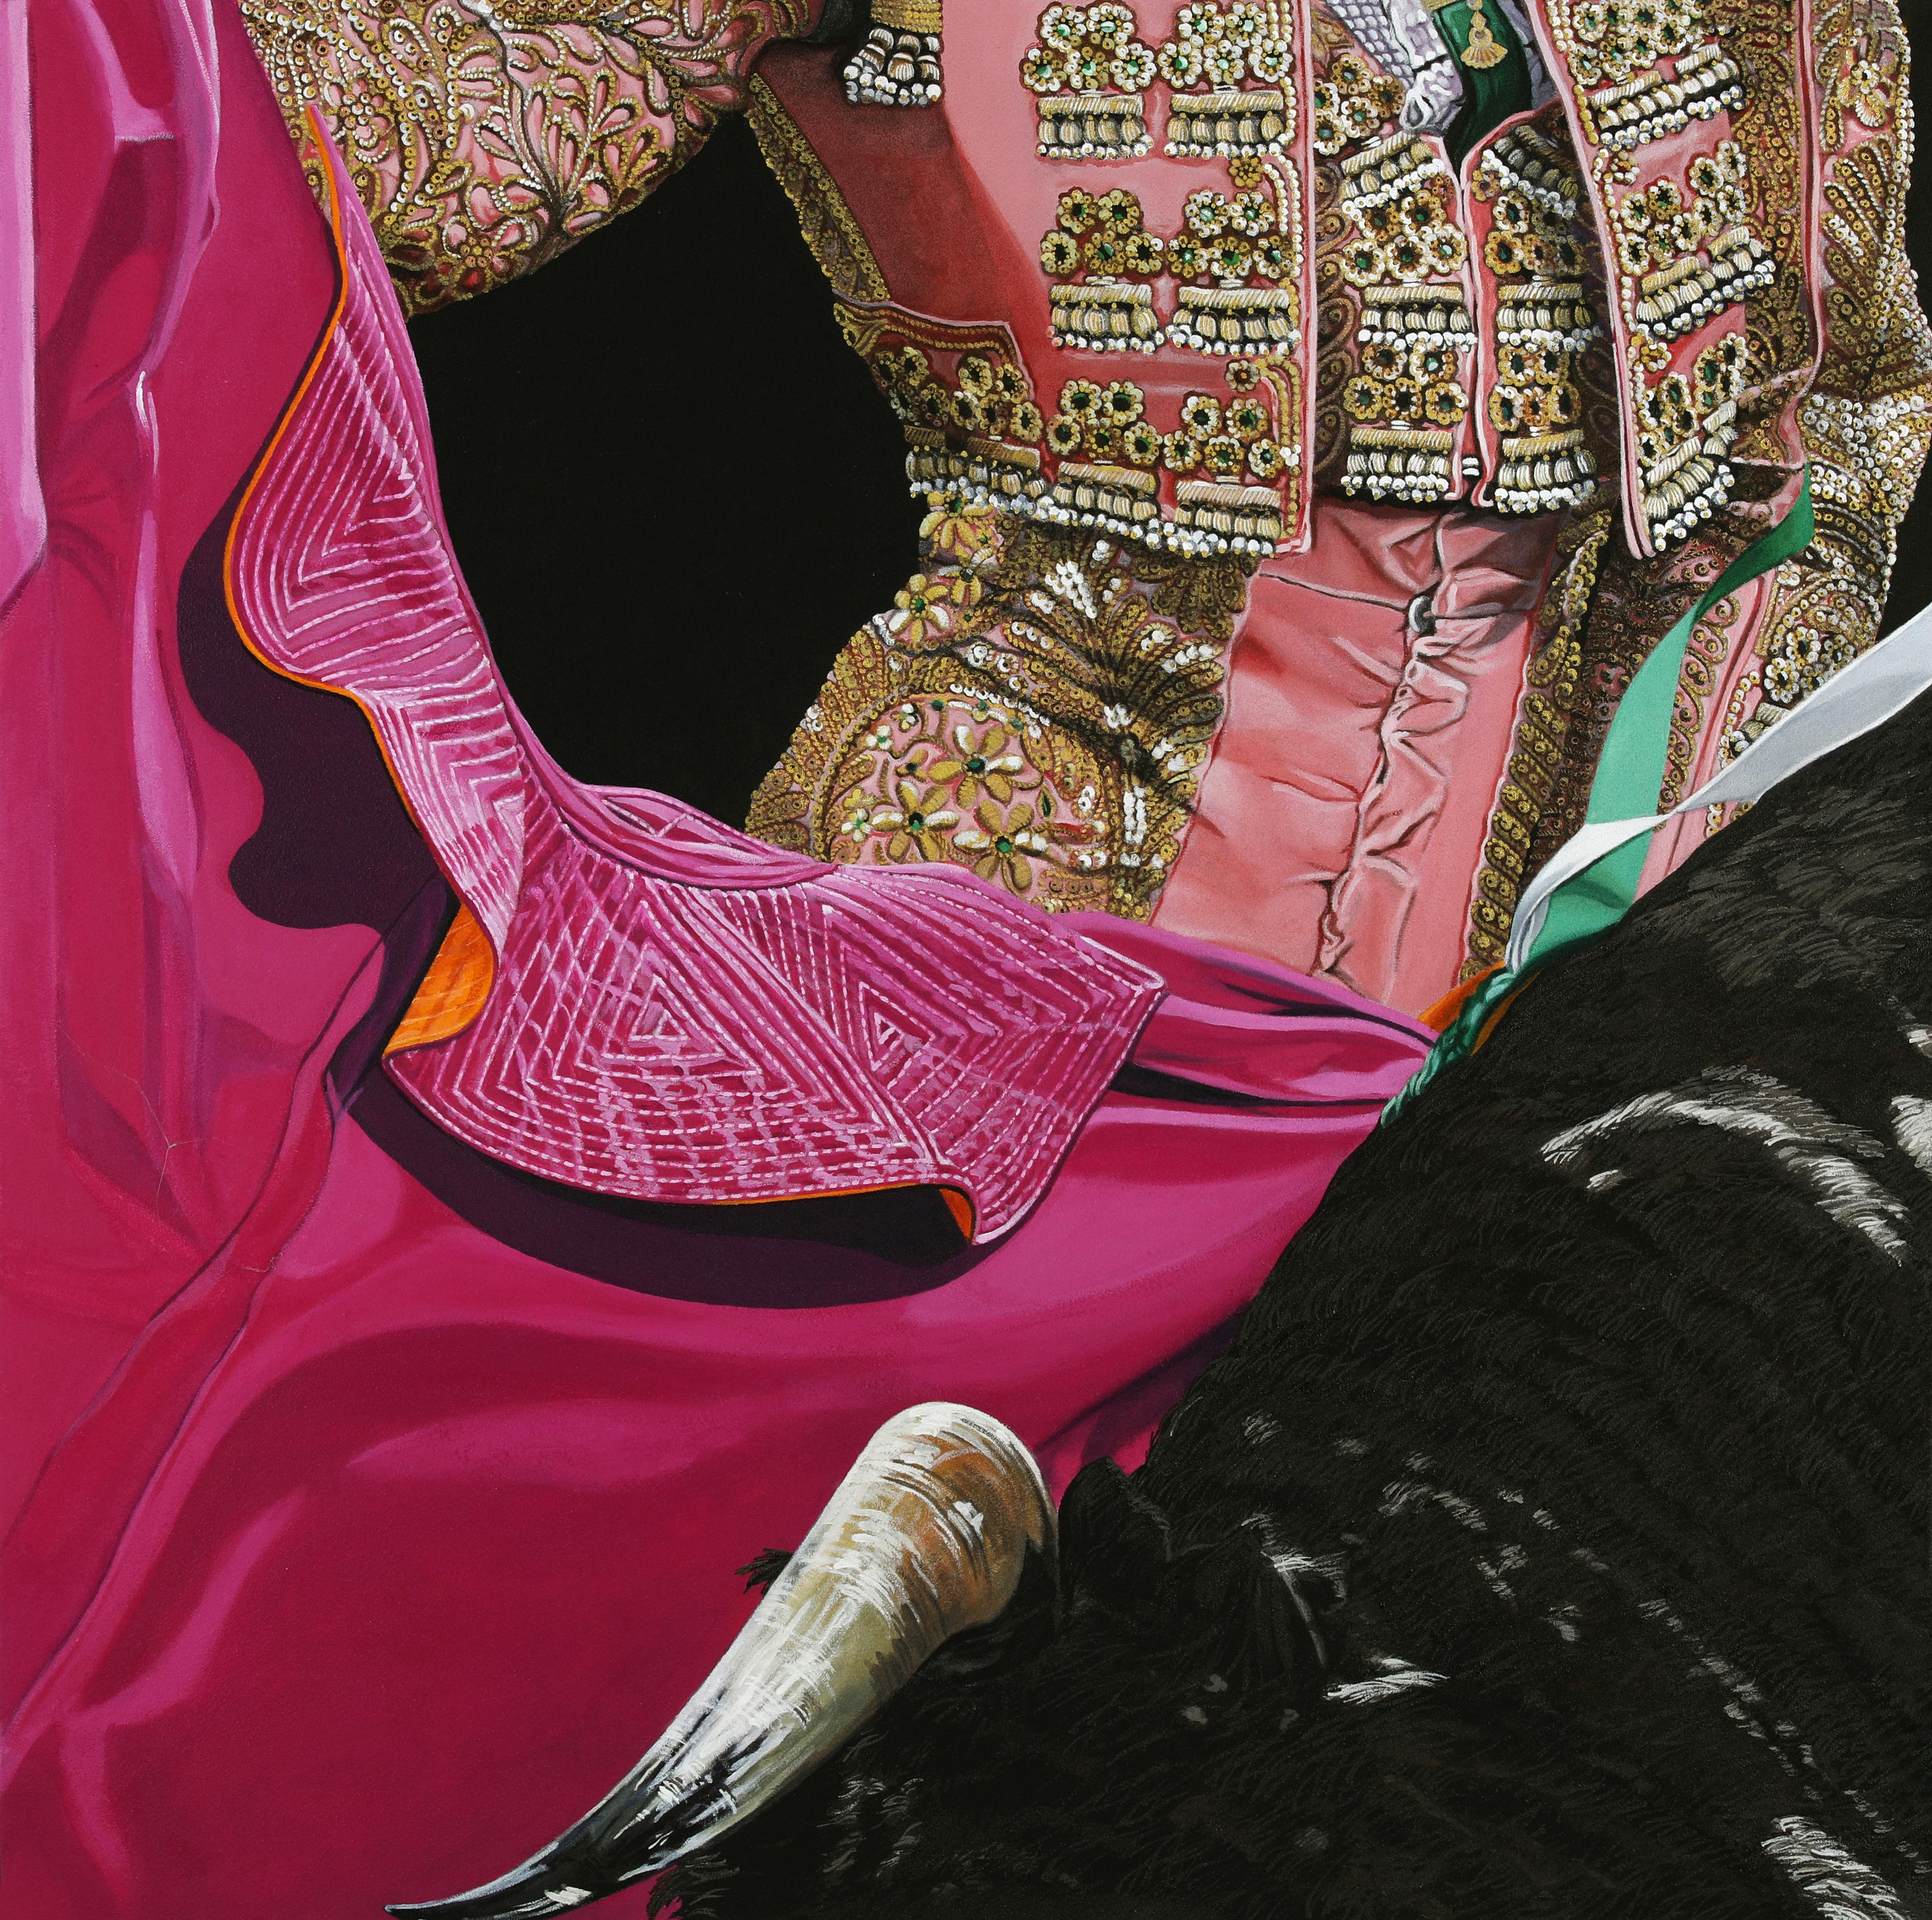 Peinture hyperréalisme Hervé Bernard : Ruedo 3